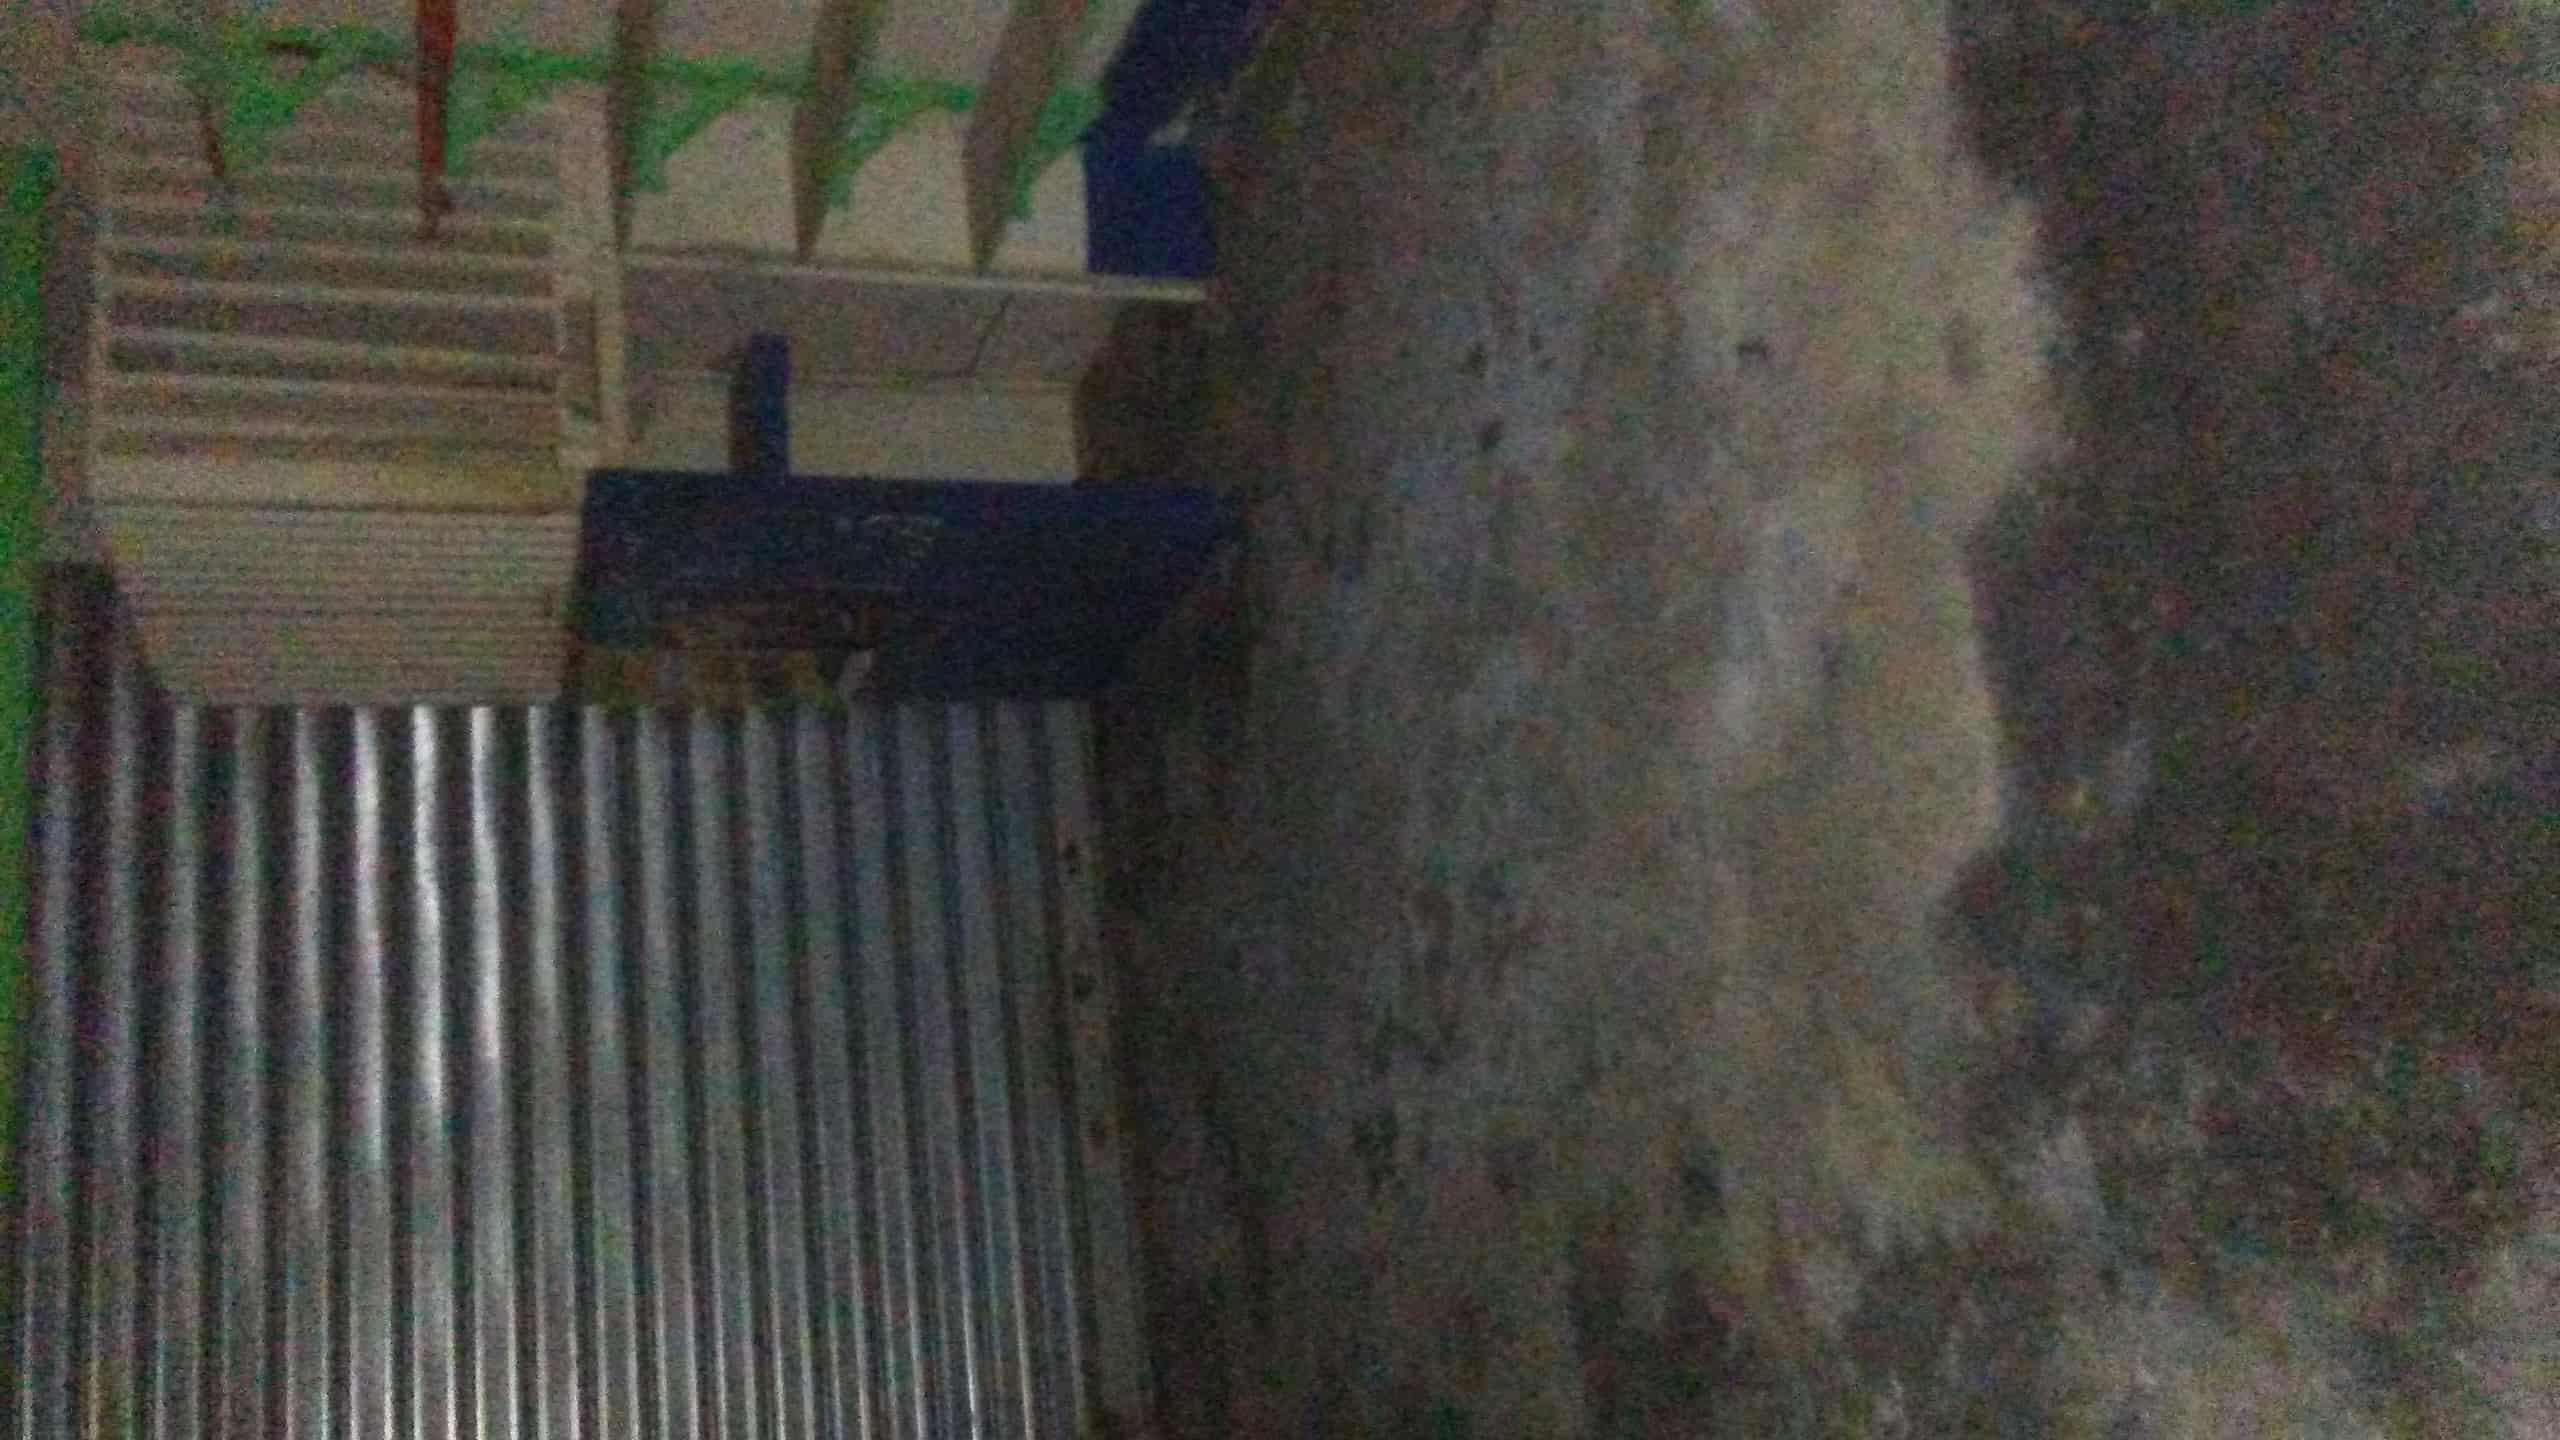 Boutique à louer à Douala, Bepanda, Face texaco omnisport..bordure de route - 75 m2 - 150 000 FCFA